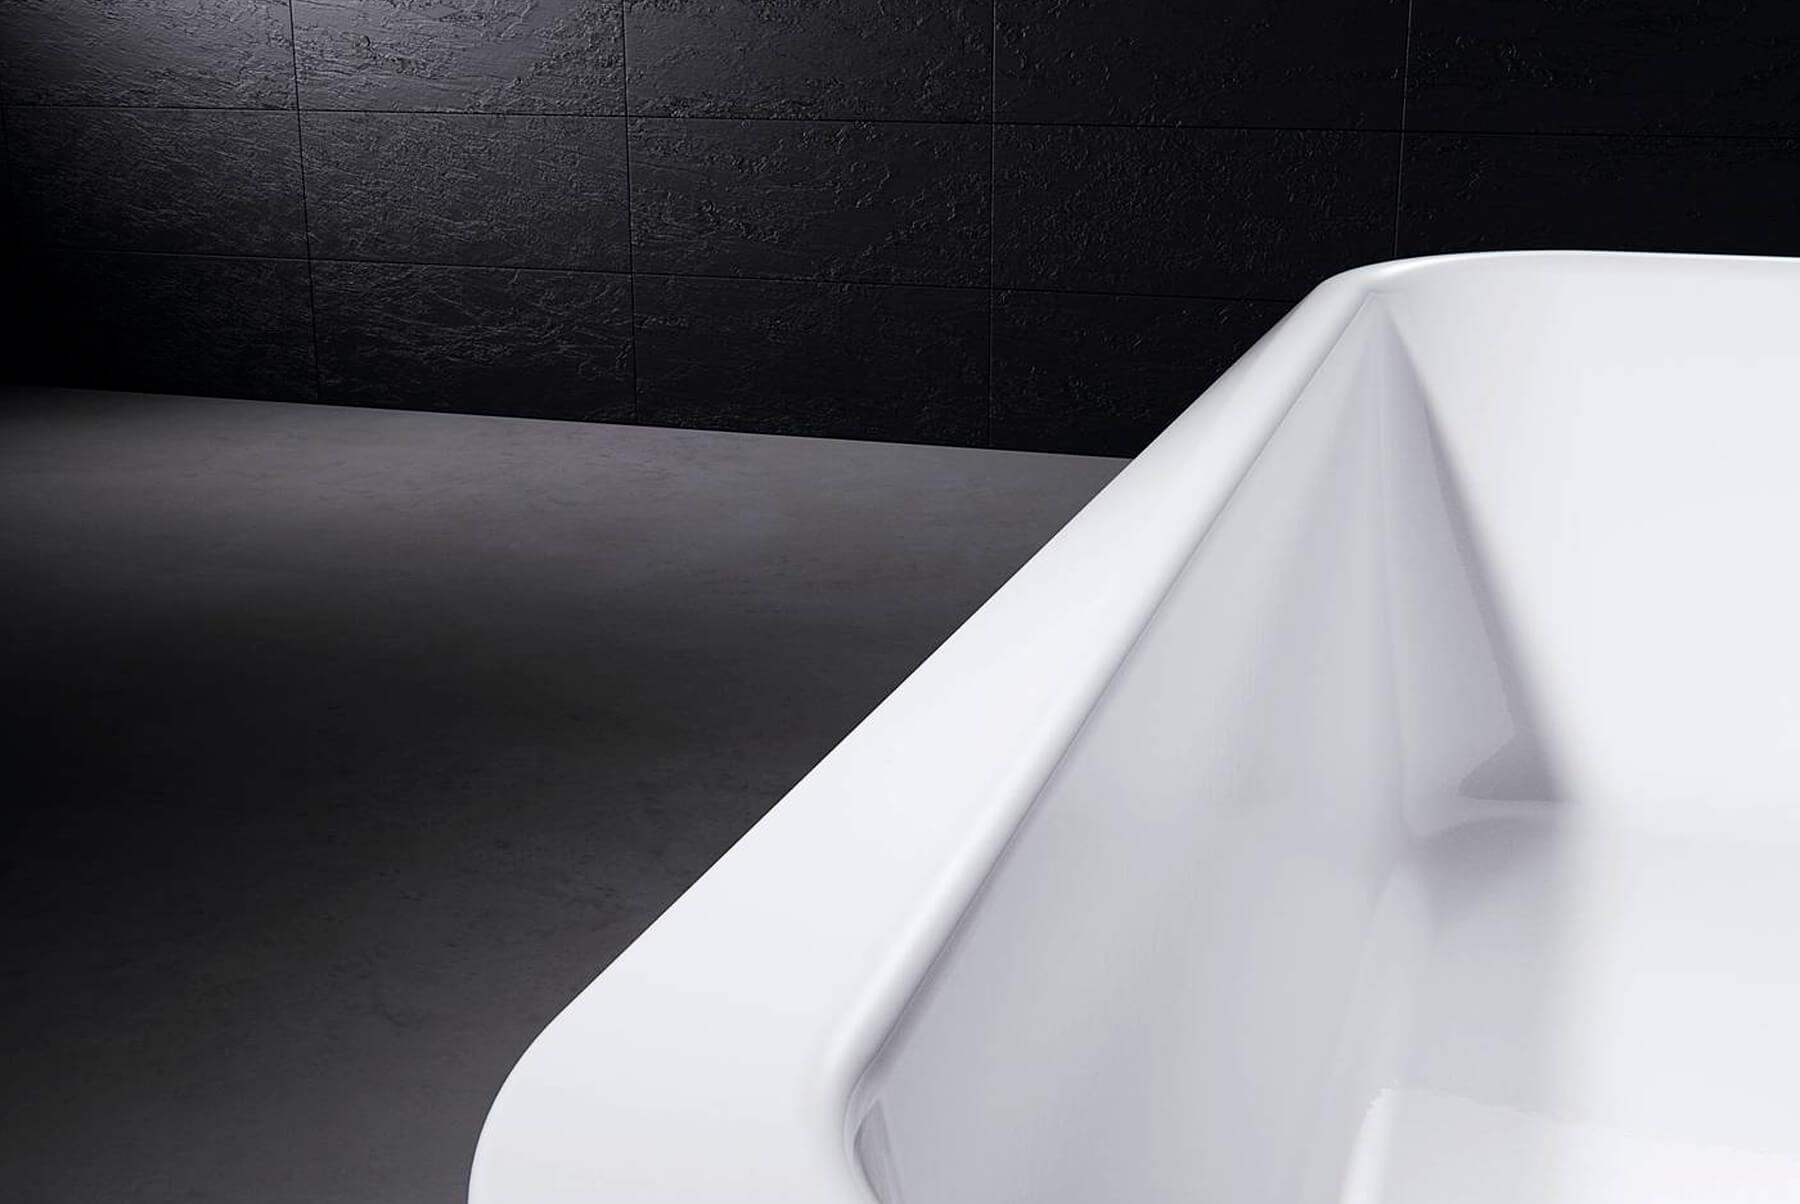 Bath-Tubs-Kaldewei-Emerso-6-1800x1204